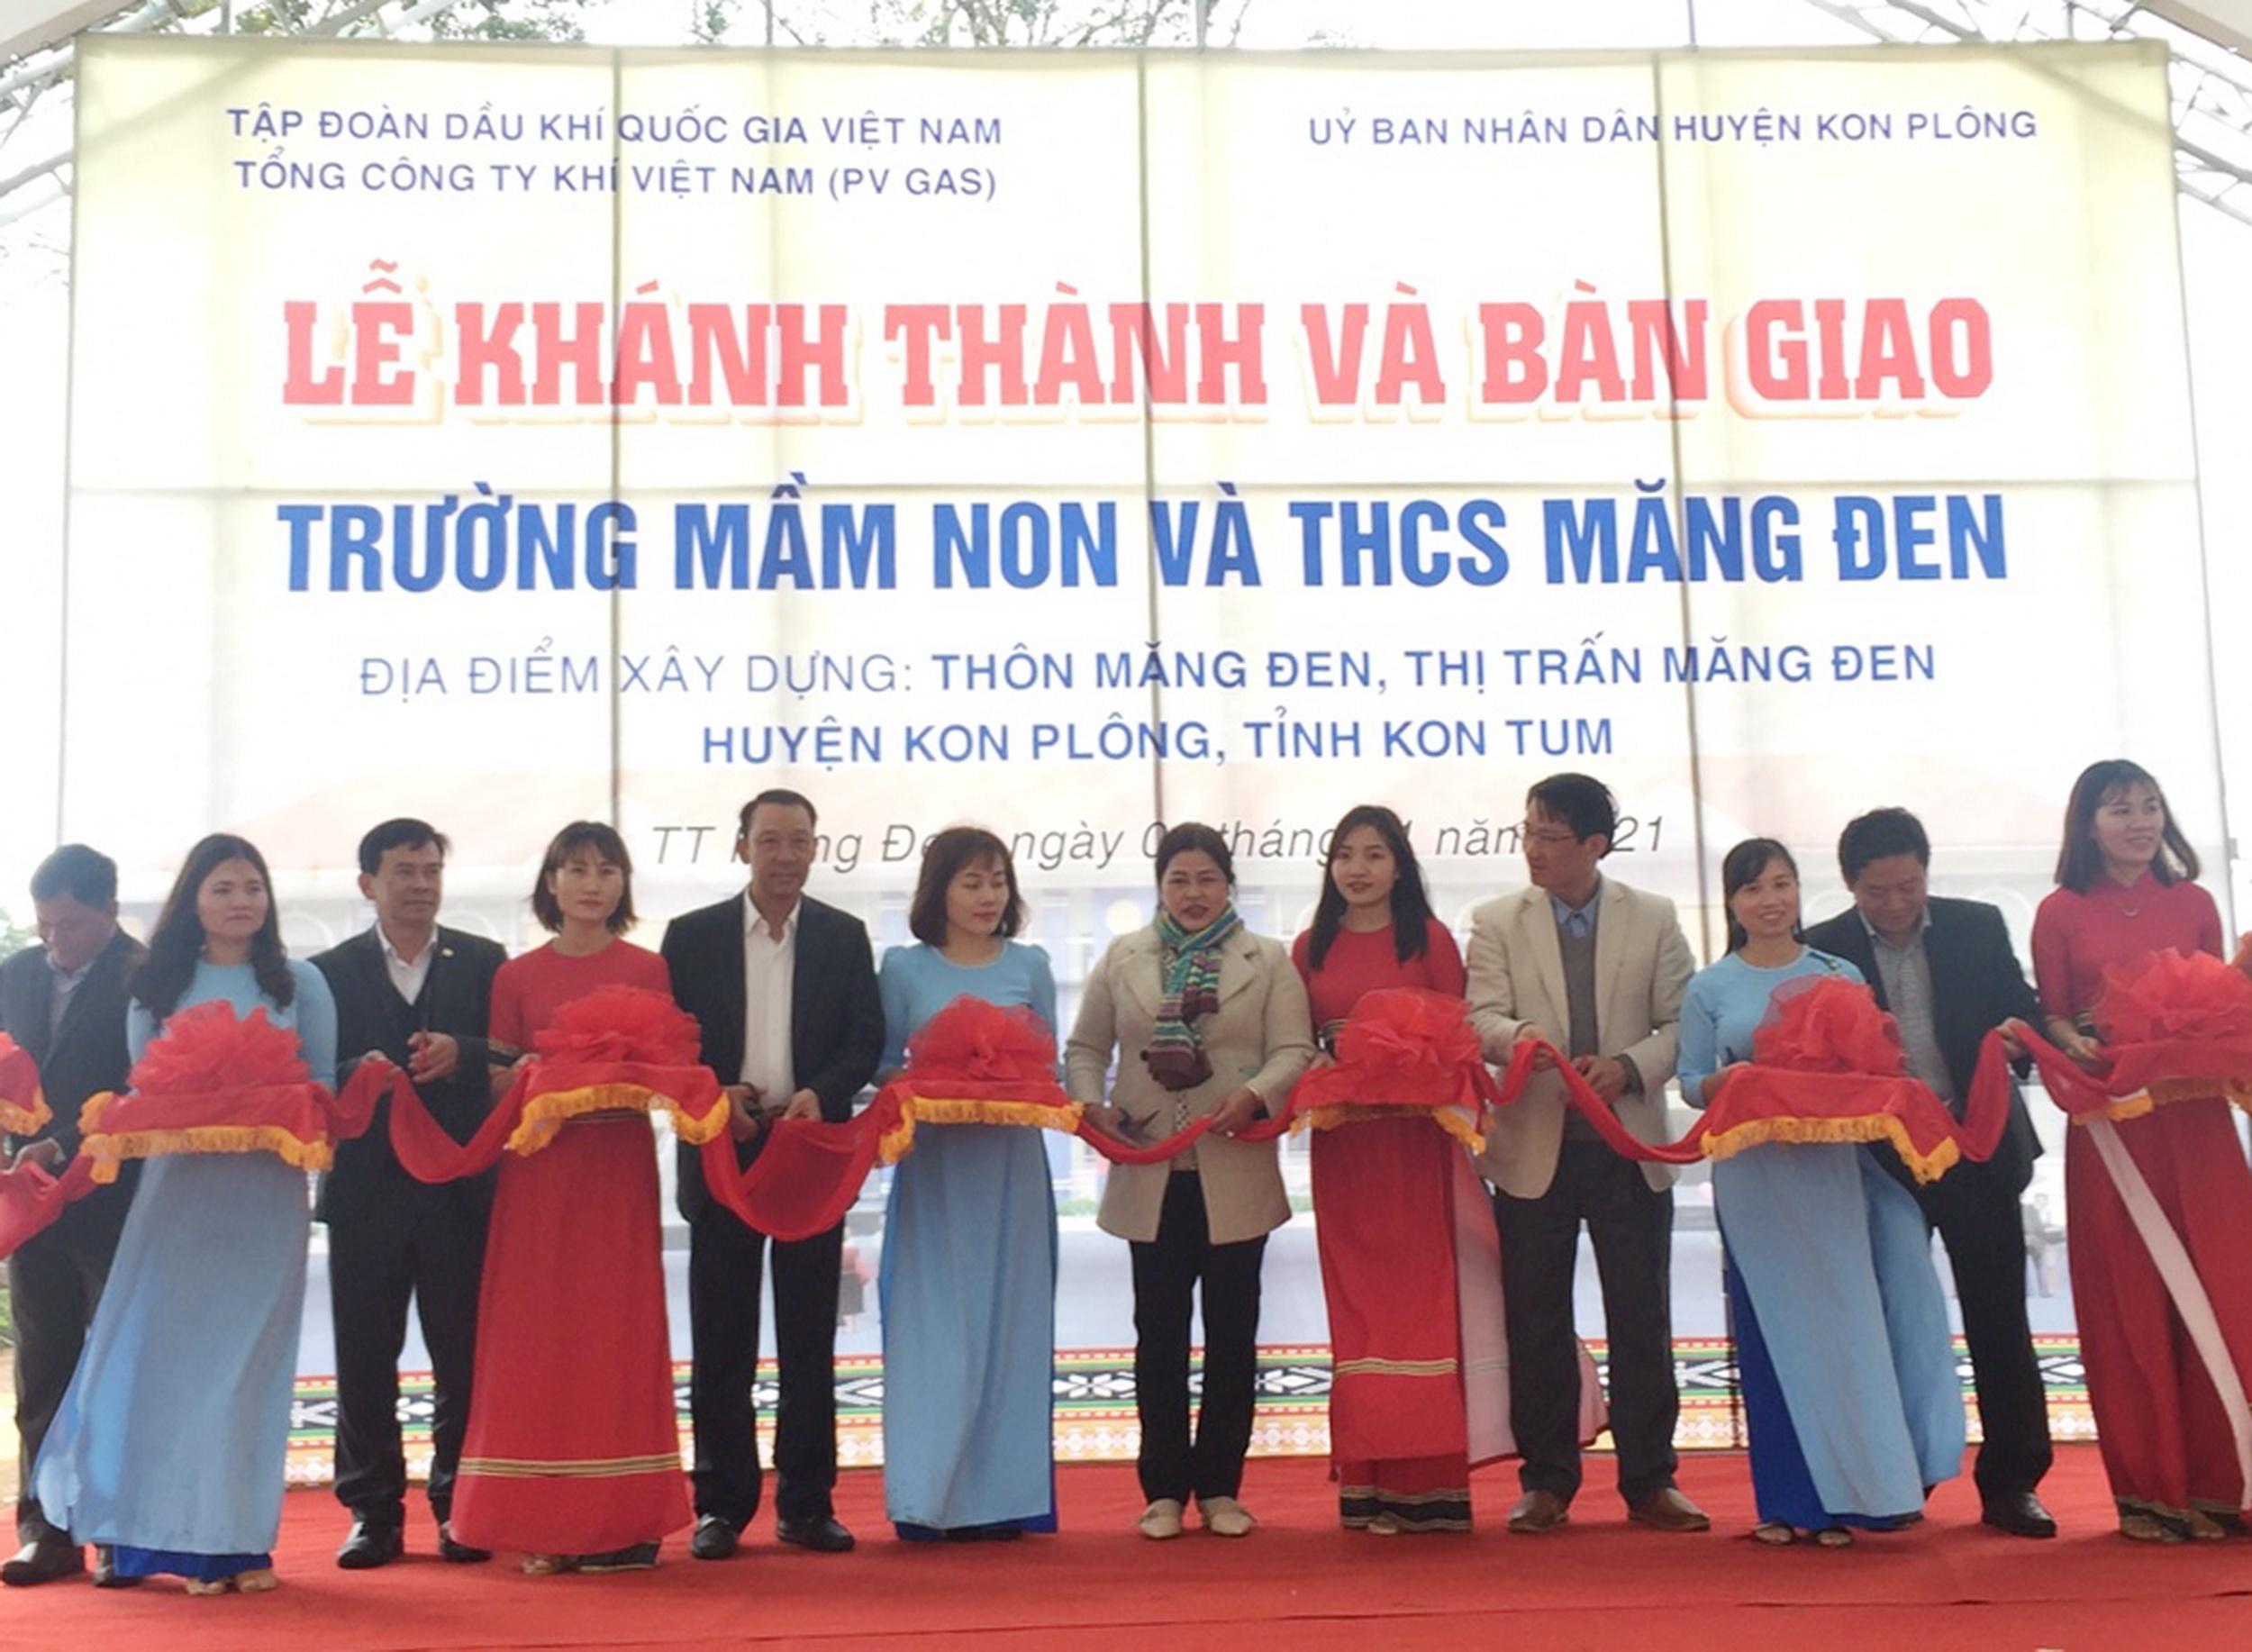 Cắt băng khánh thành và đưa vào sử dụng 2 ngôi trường – mái nhà tươi đẹp cho thế hệ trẻ Kon Tum